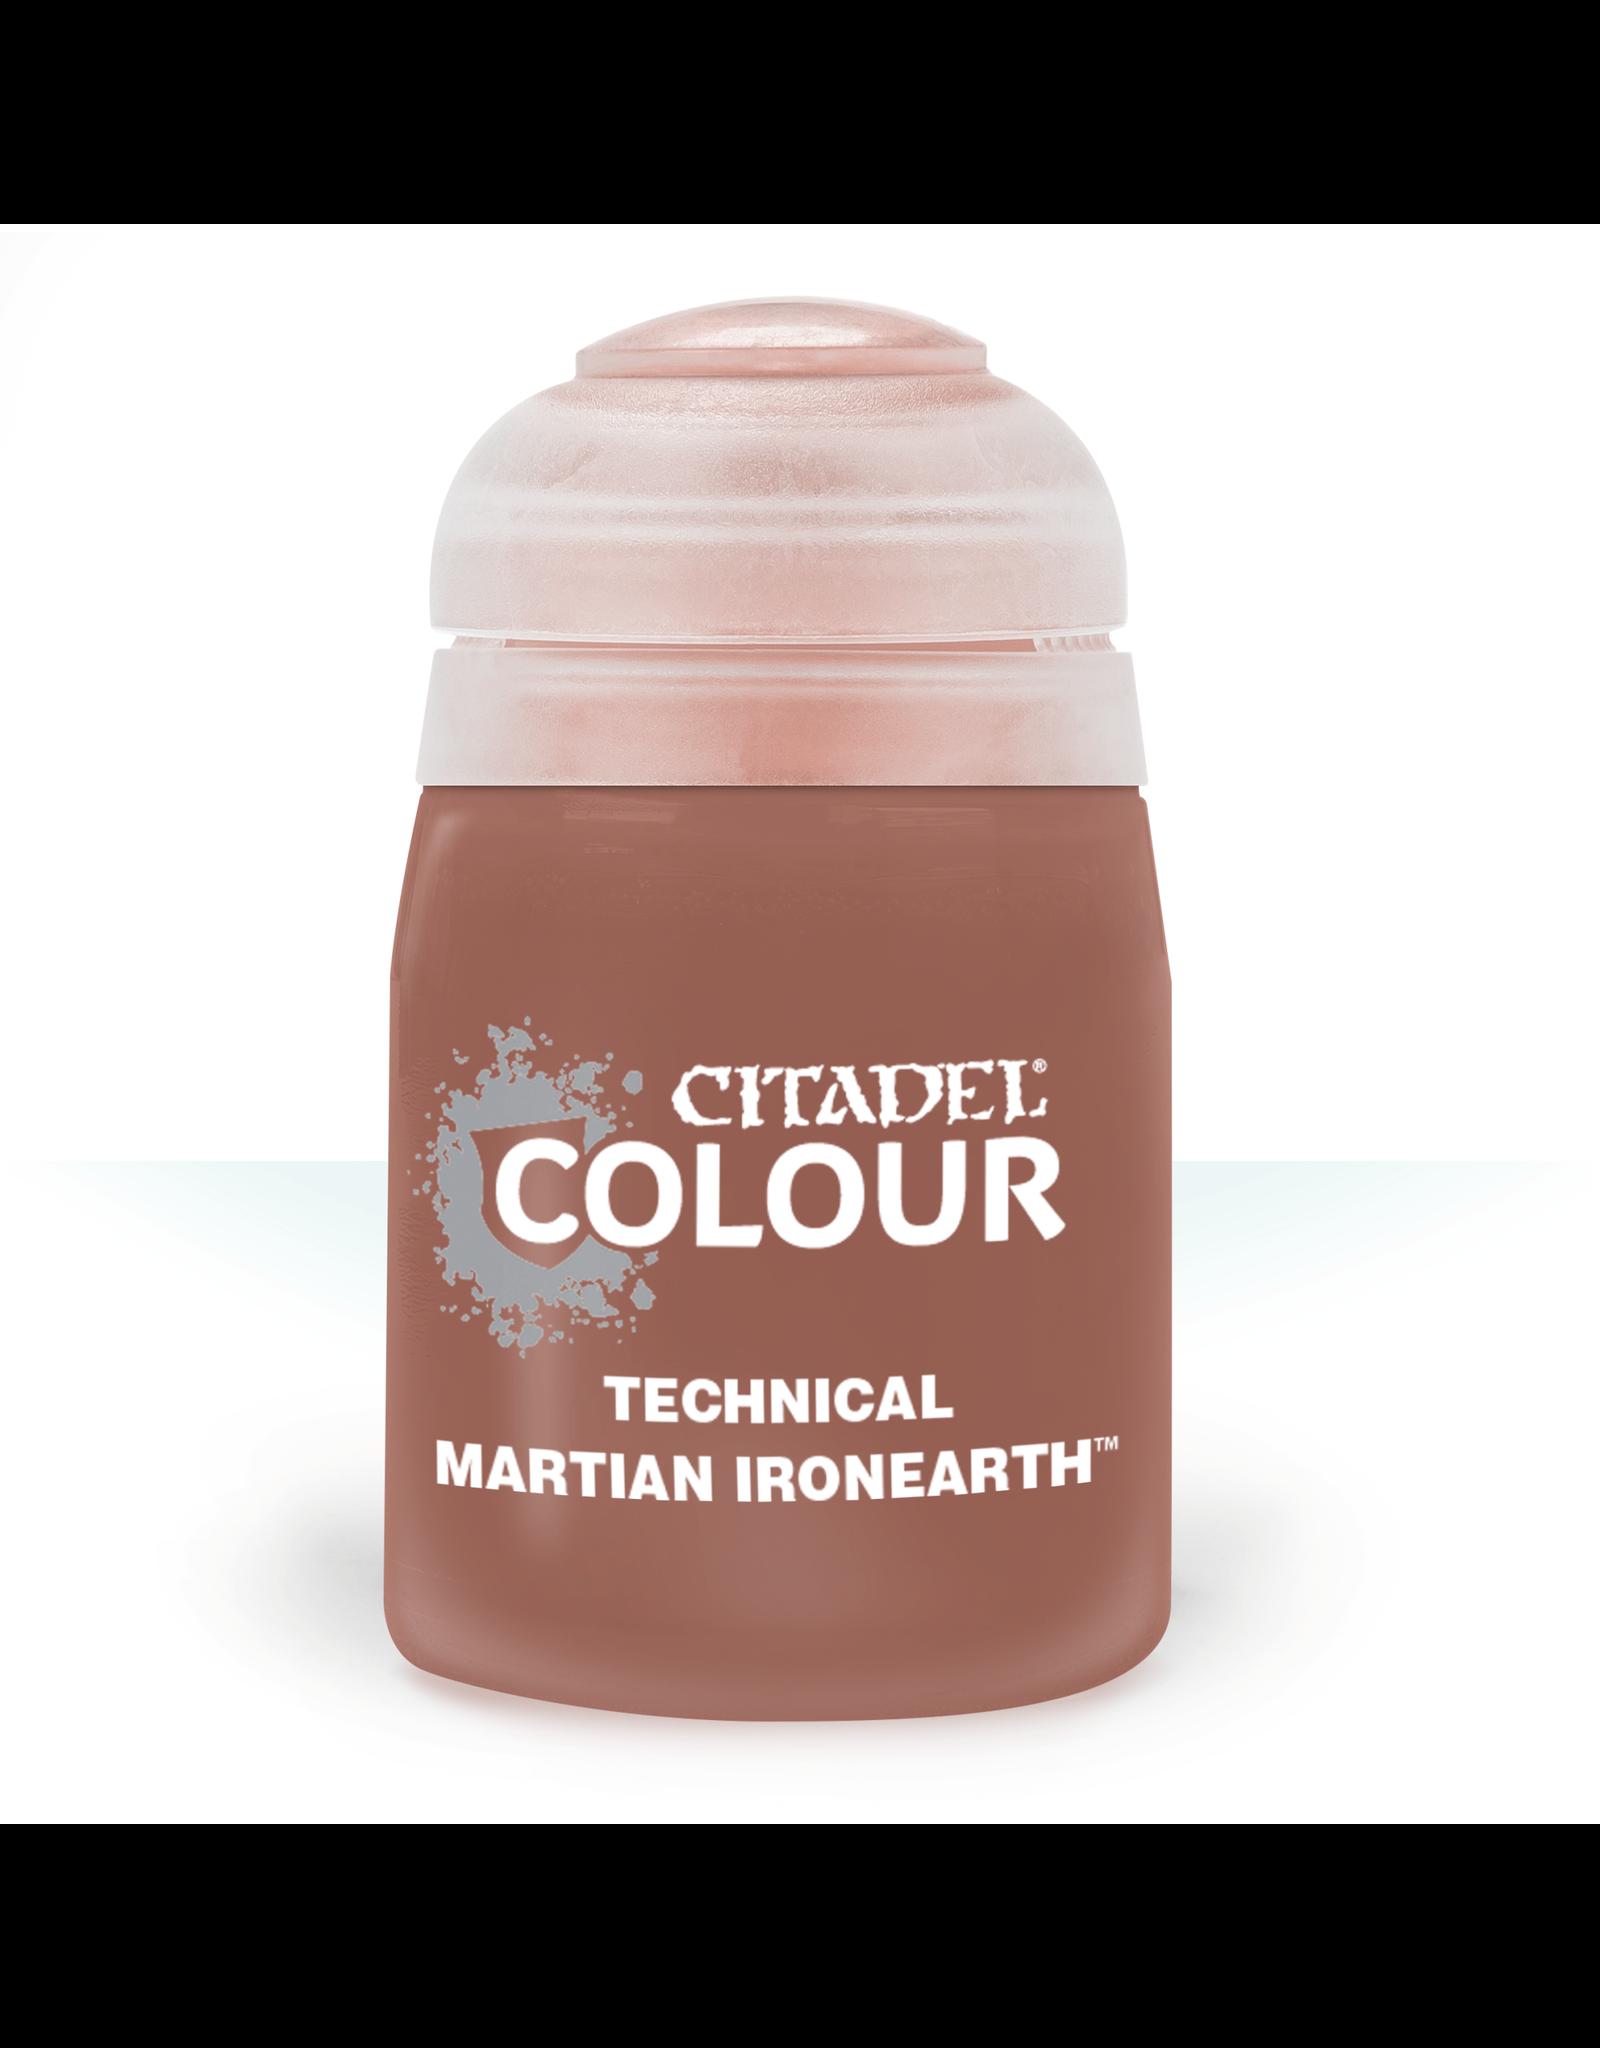 Citadel Martian Ironearth